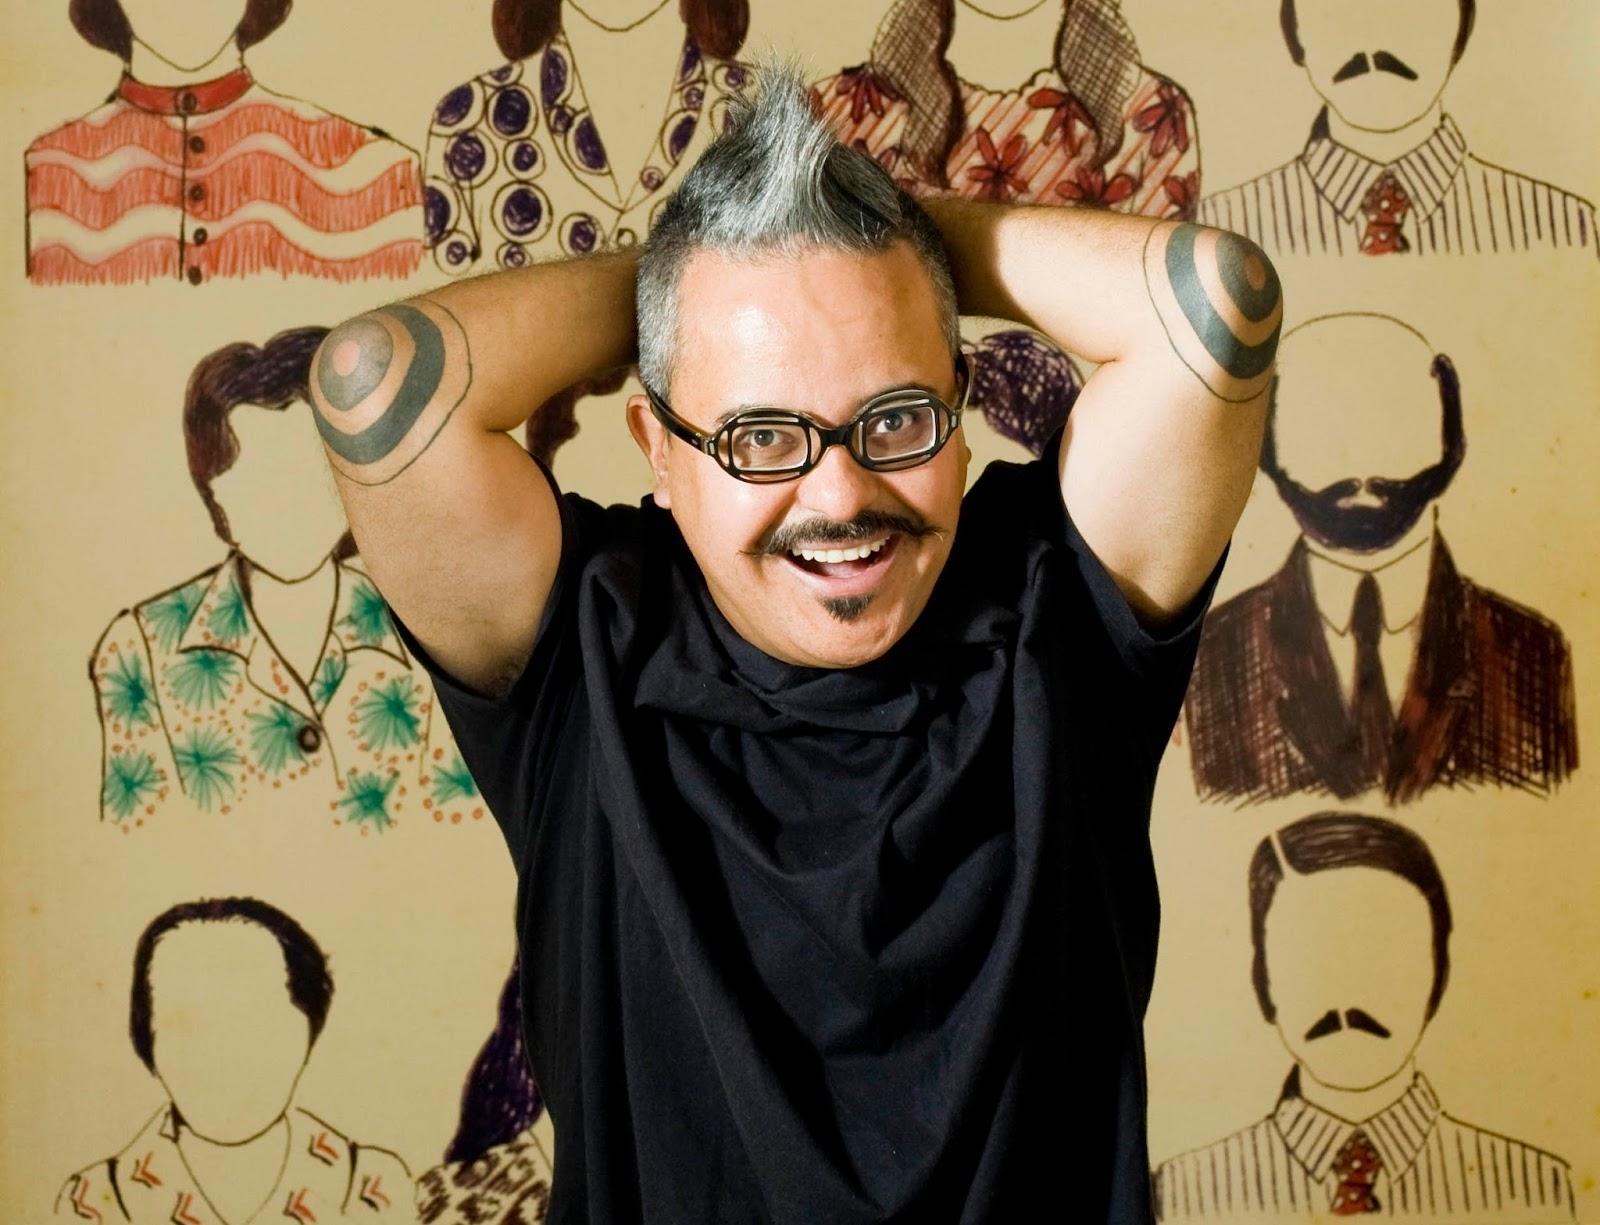 LEO KLEIN - #SPFWVER17 - RONALDO FRAGA